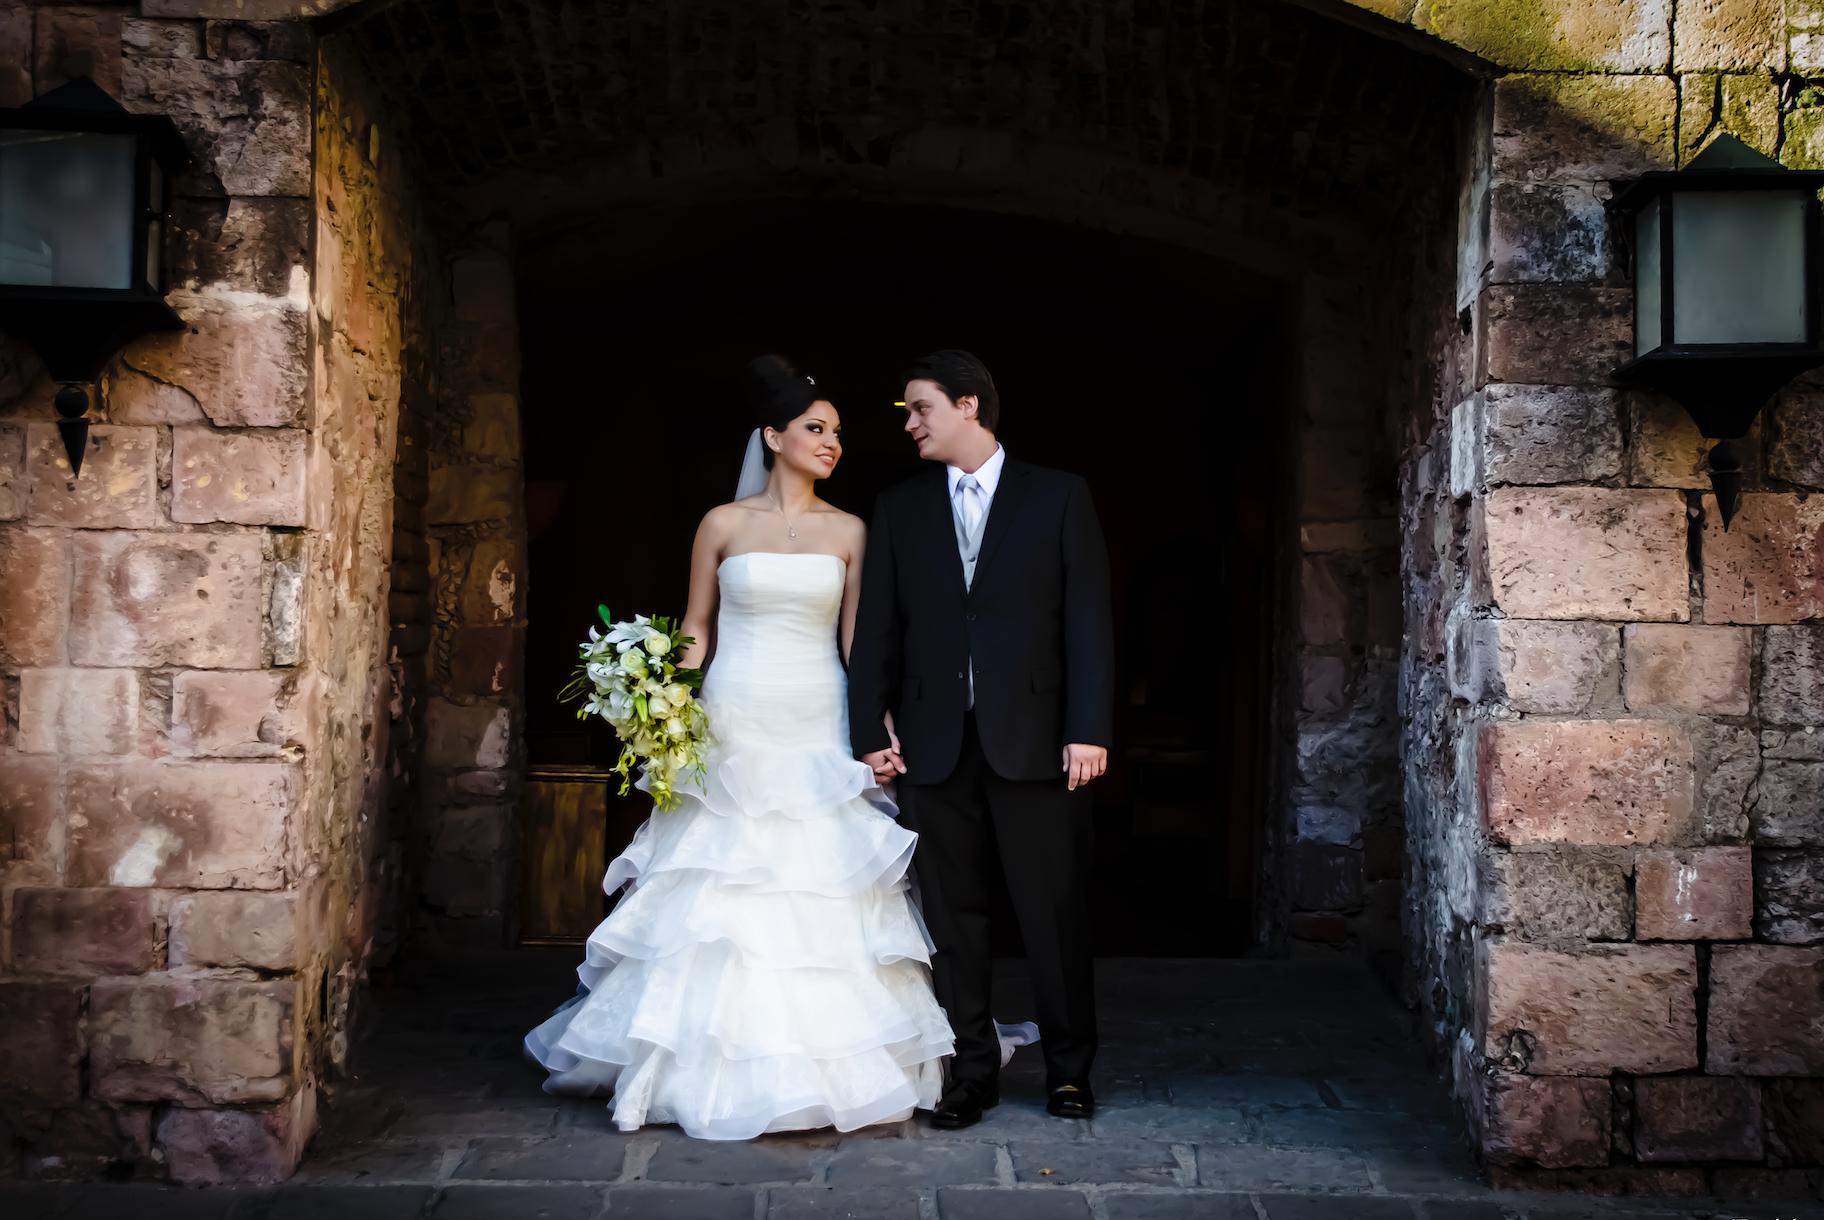 La boda de Cori y Bianca en Zacatecas, Zacatecas